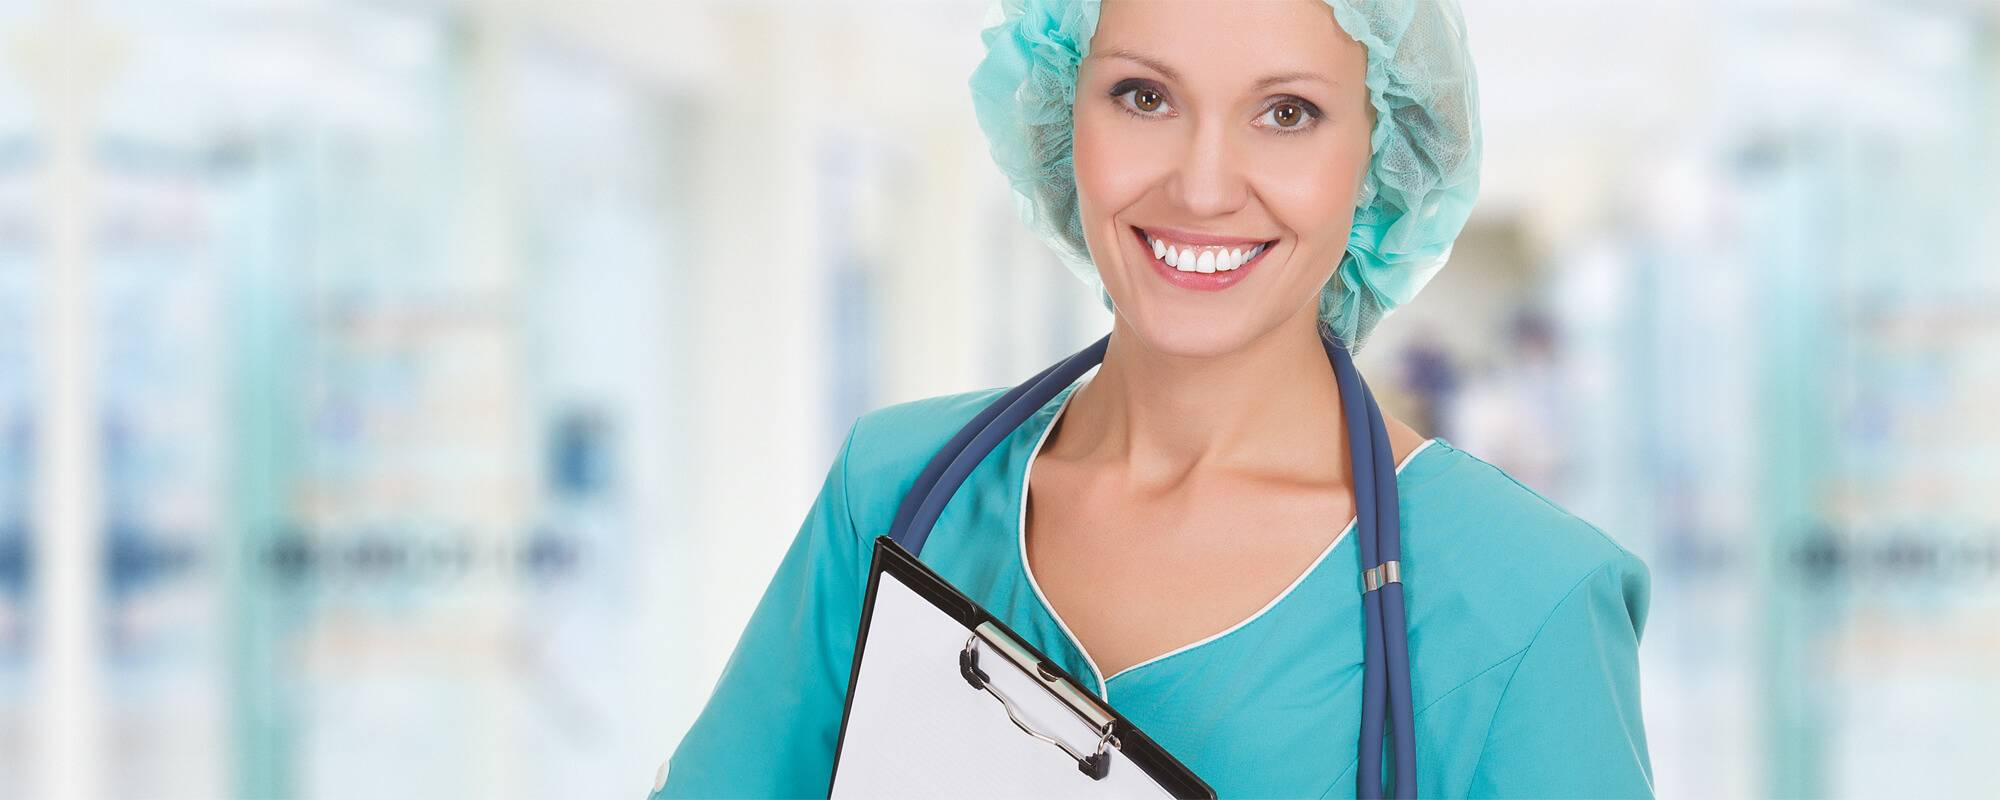 Serviços Veterinários<br>que <b>você pode confiar</b>